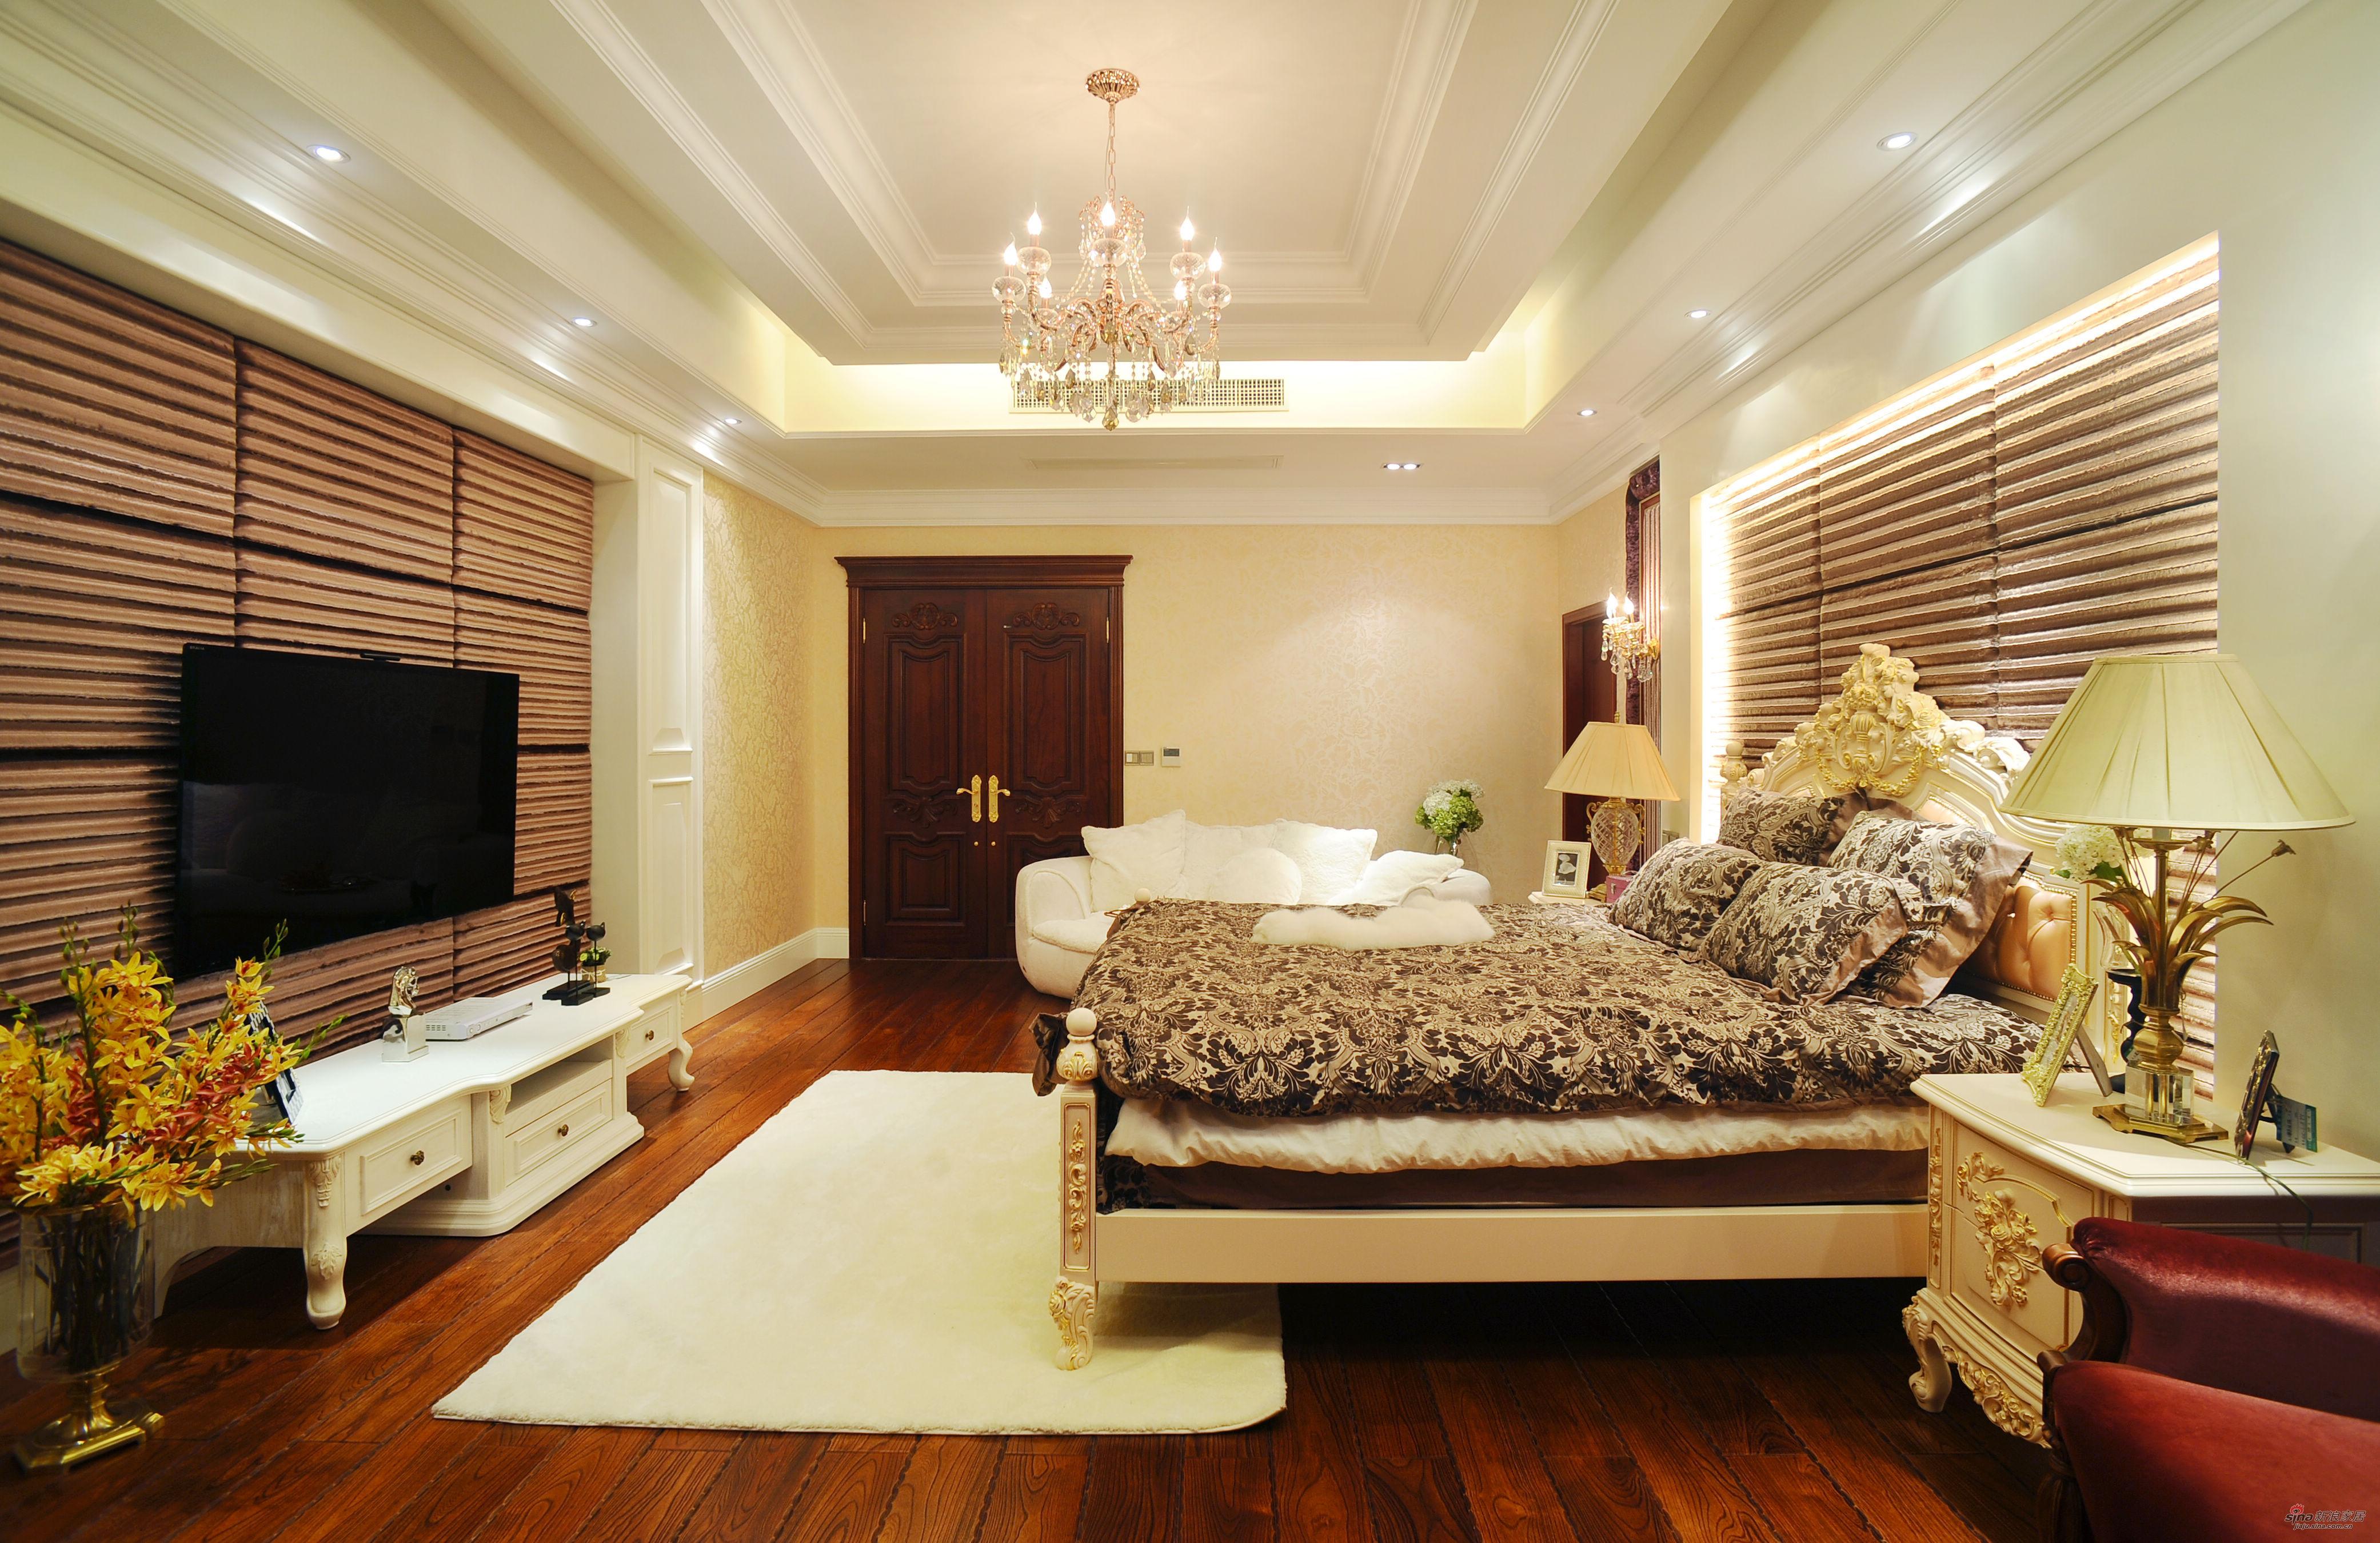 欧式 别墅 卧室图片来自用户2746953981在【高清】欧式风格奢华设计399平米大豪宅29的分享